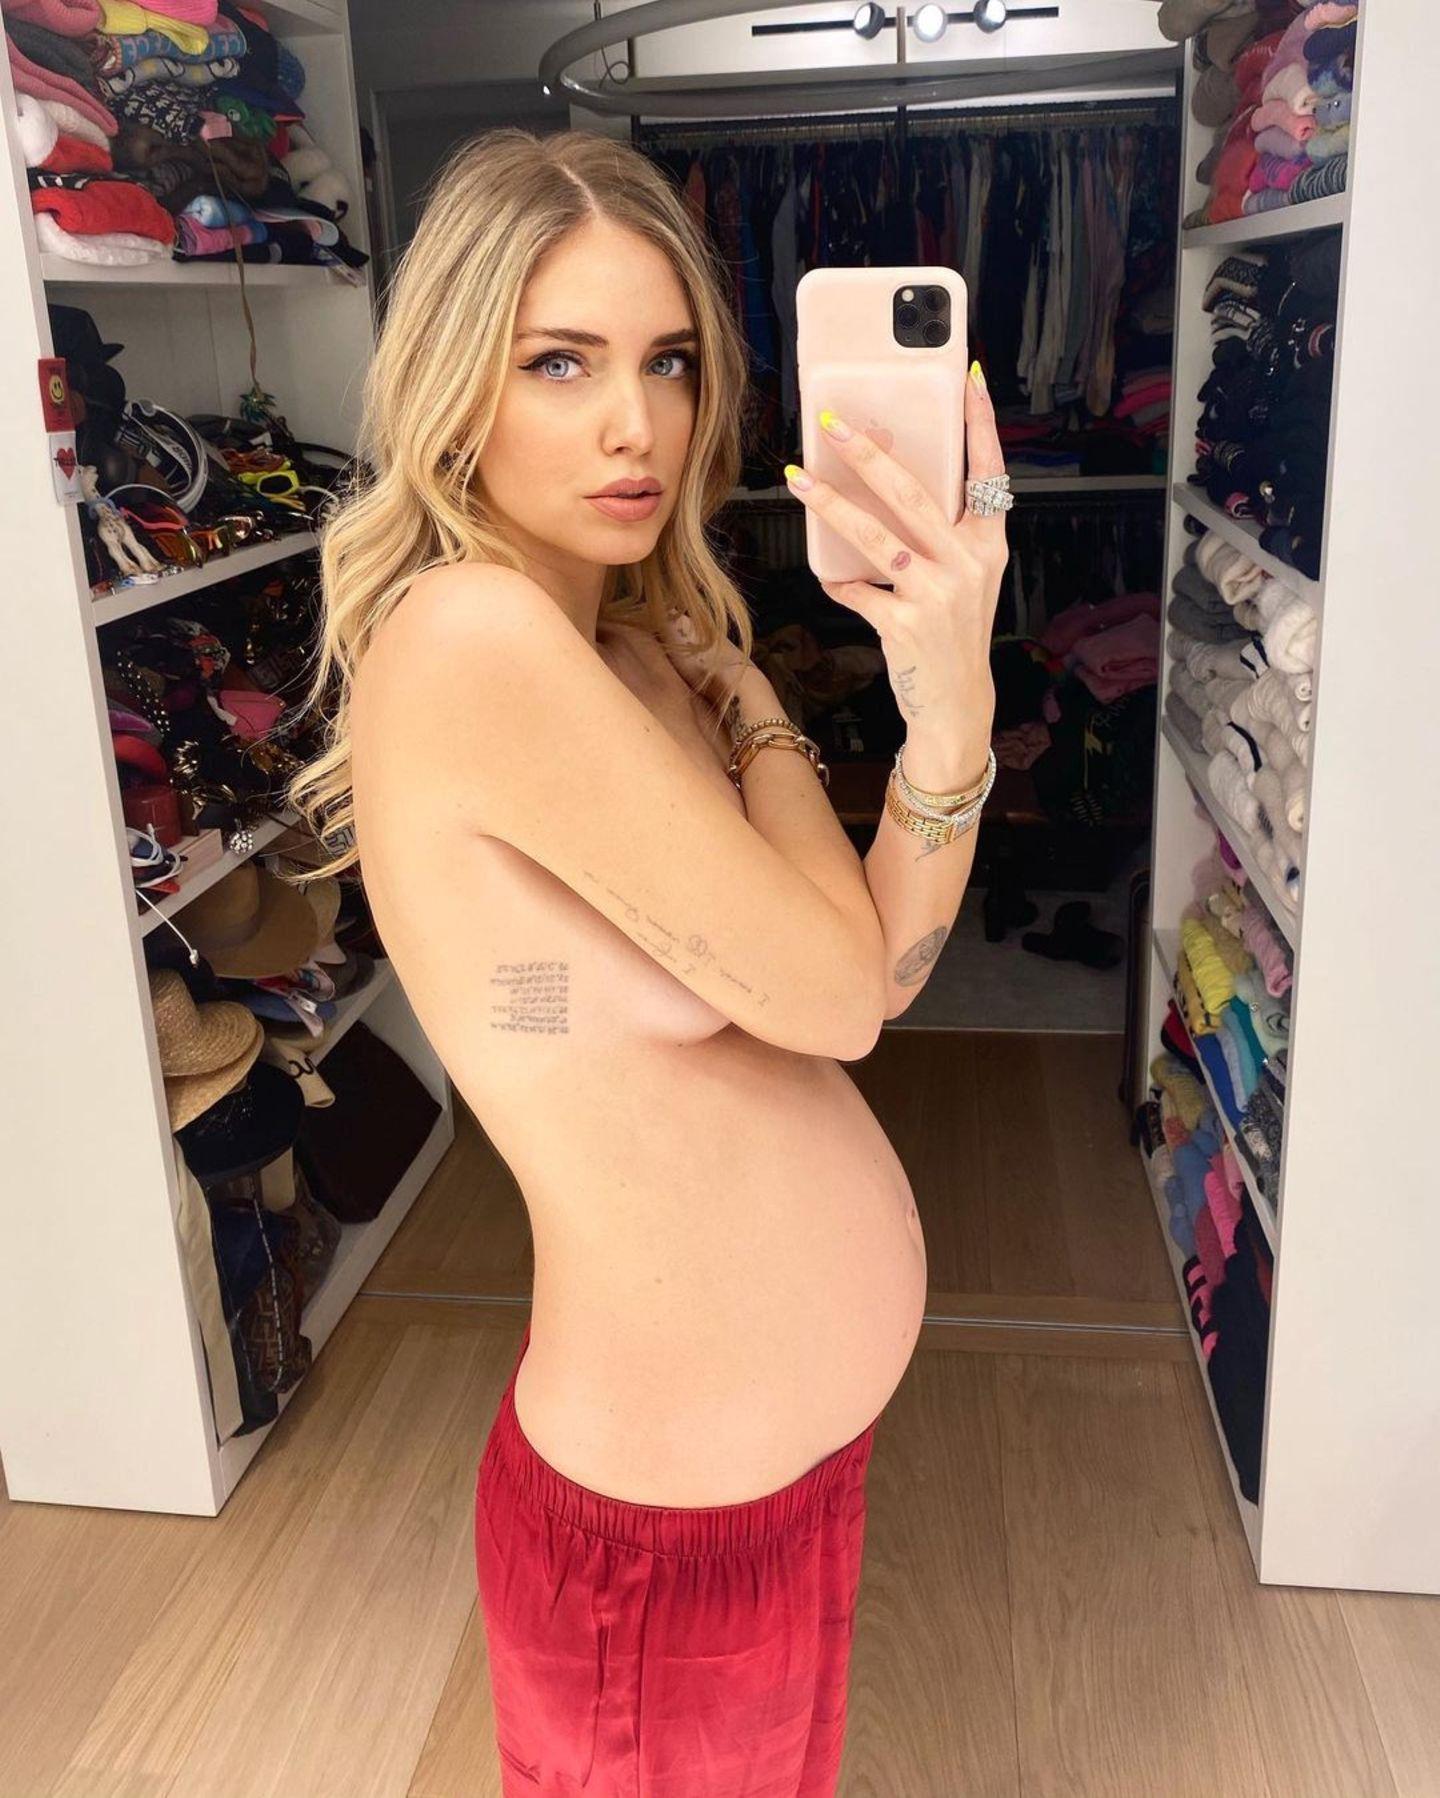 Auf diesem Bild gibt es viel zu sehen: Jede Menge nackte Haut, ein voller Kleiderschrank – und natürlich der Babybauch von Chiara Ferragni, den sie mit einem Halbnackt-Selfie in Szene setzt.